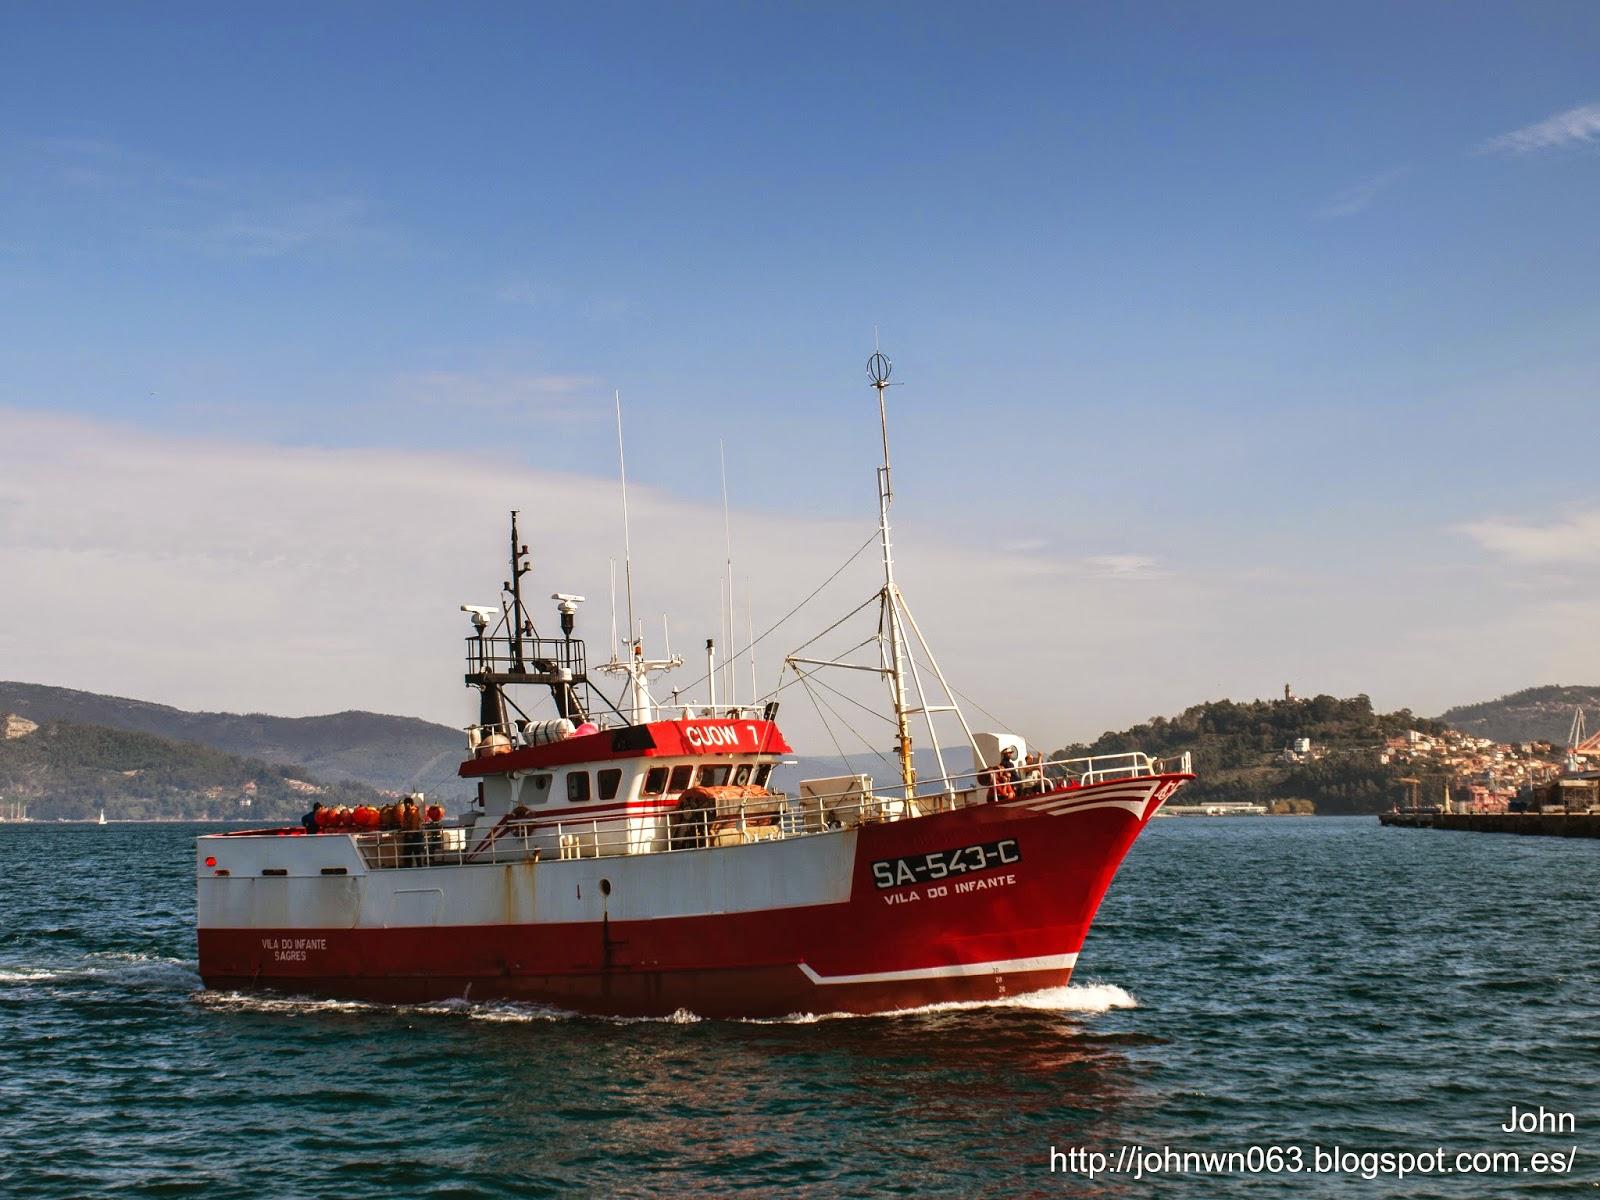 fotos de barcos, imagenes de barcos, vila do infante, pesquero, vigo